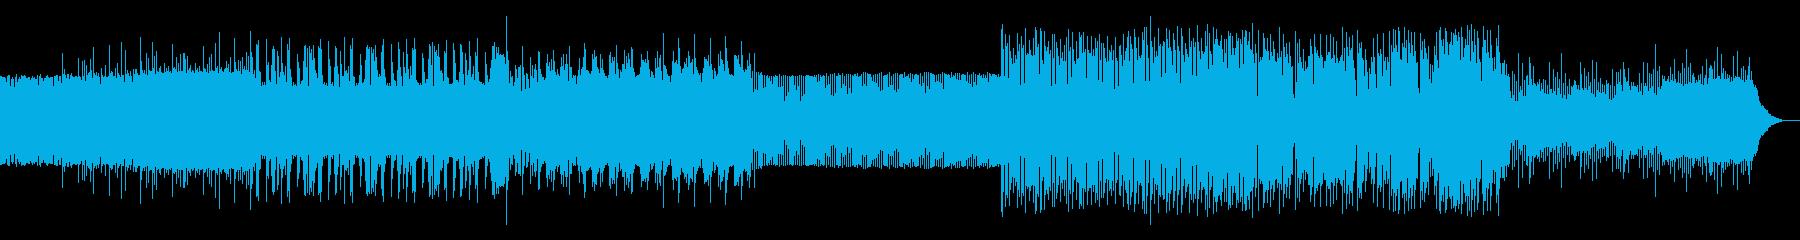 シンプルなアルペジオのテクノ07の再生済みの波形